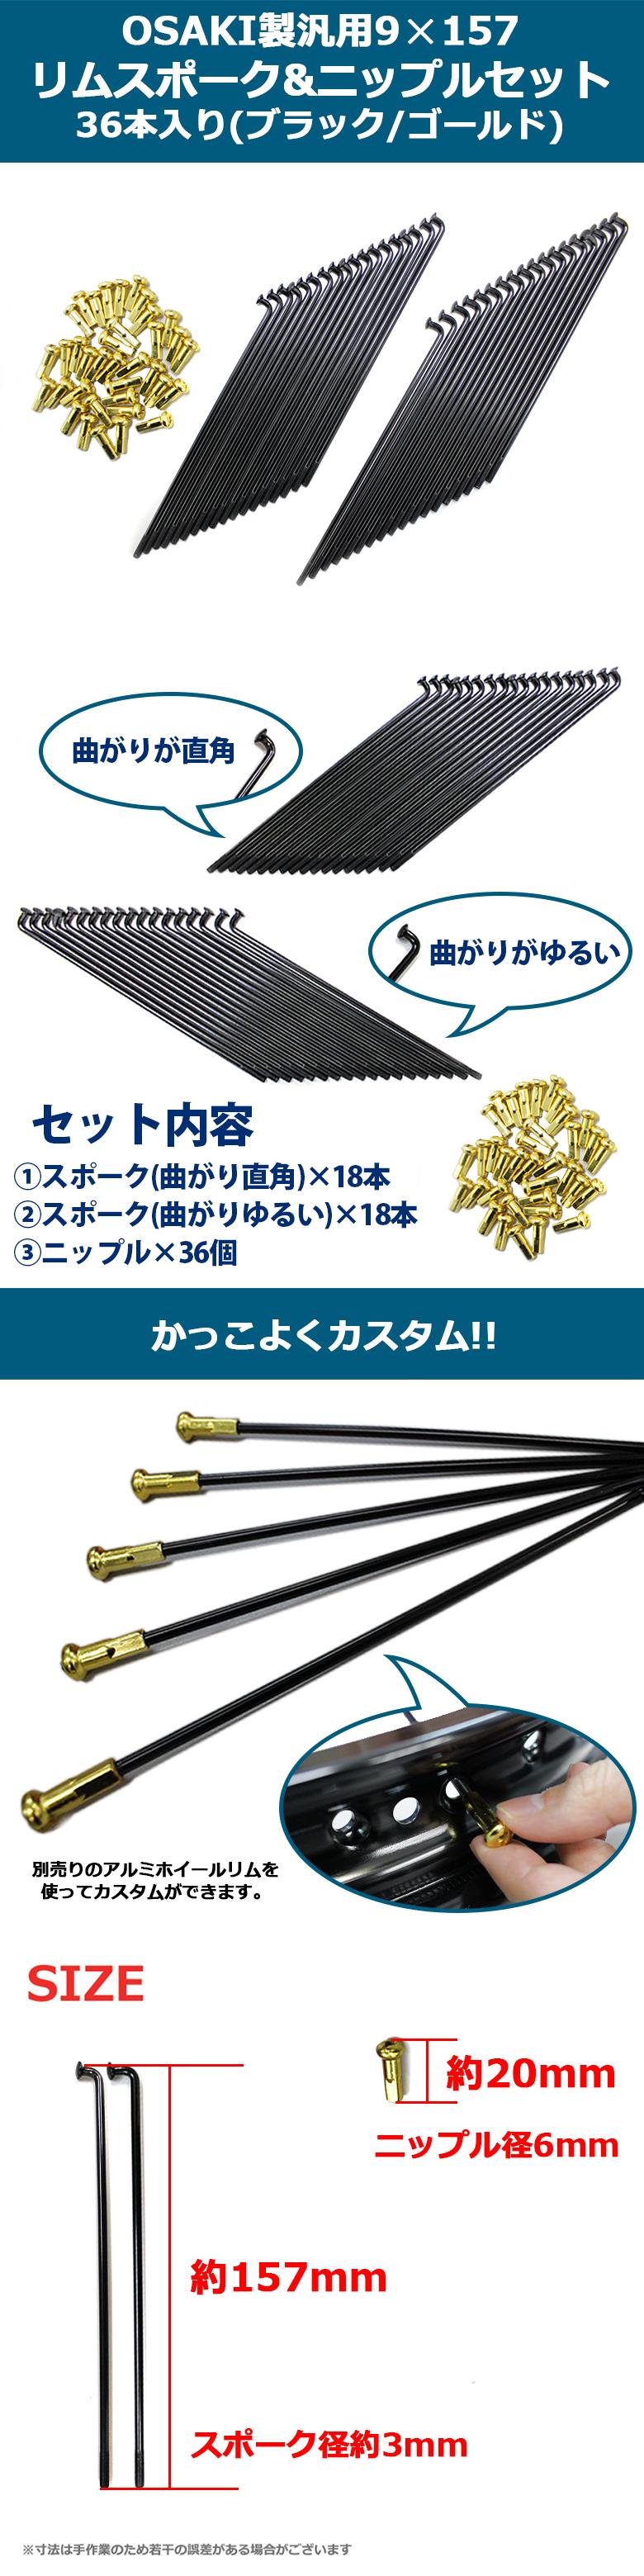 OSAKI製汎用9×157 リムスポーク&ニップルセット 36本入り(ブラック/ゴールド)スーパーカブ等に